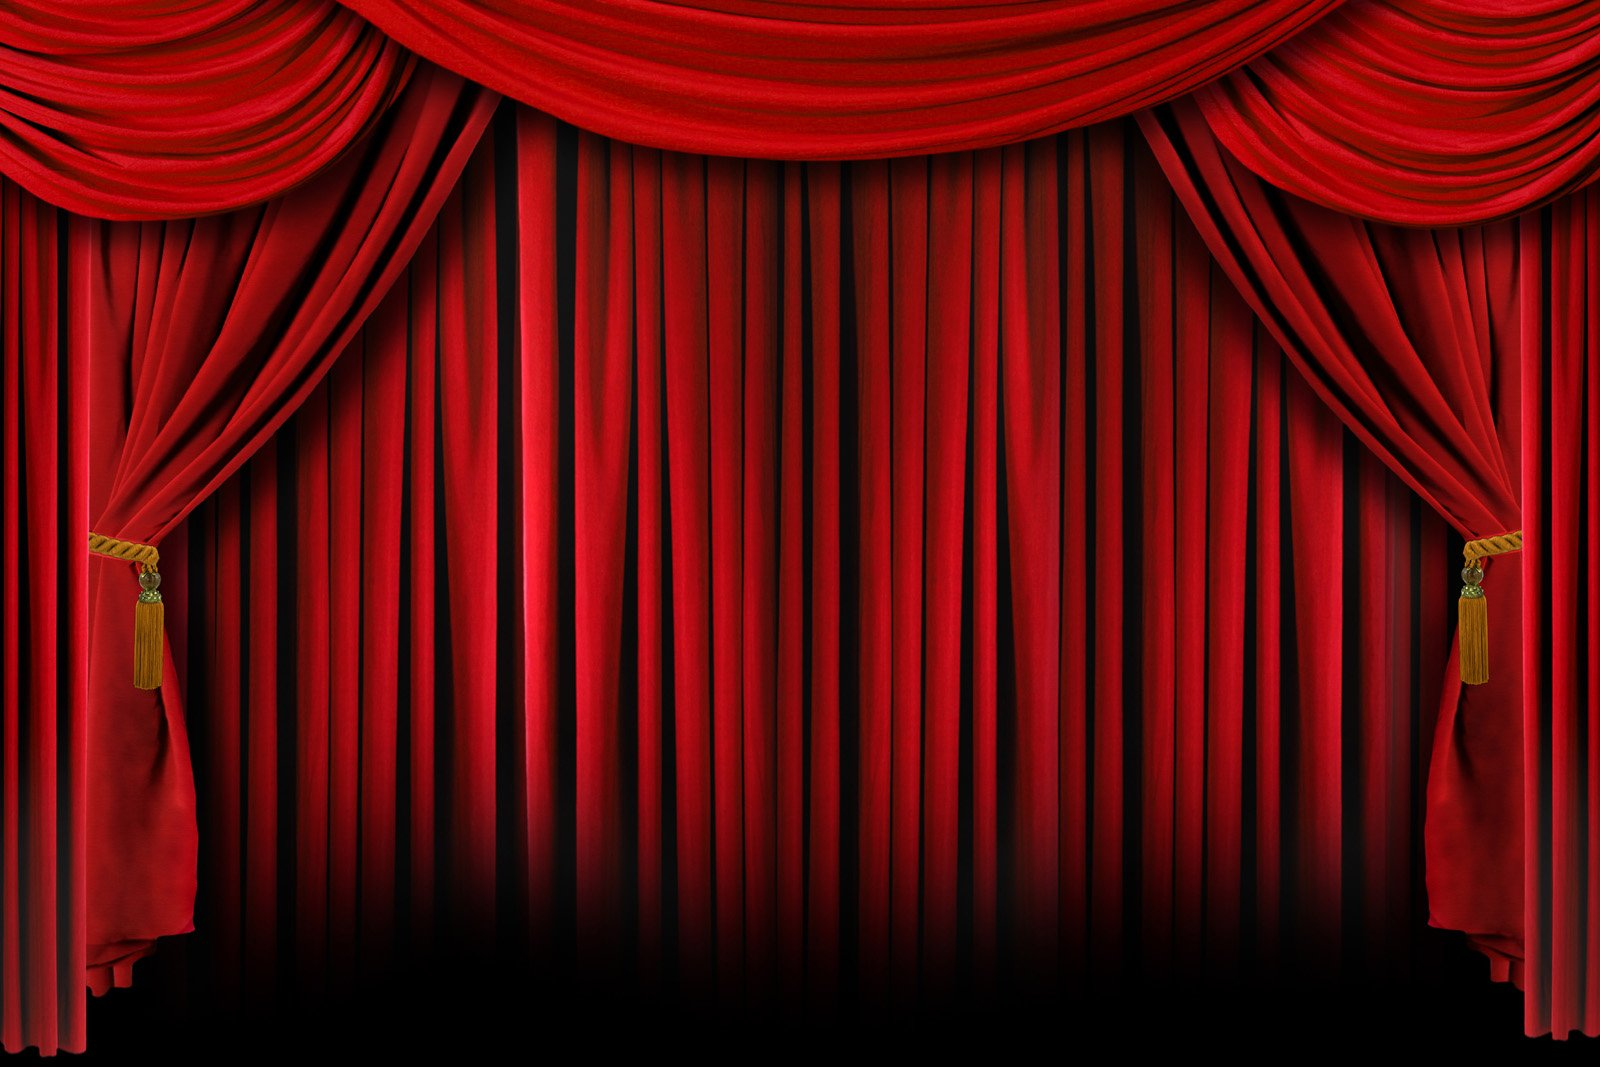 Cortina Teatro - Cortina Para Teatro